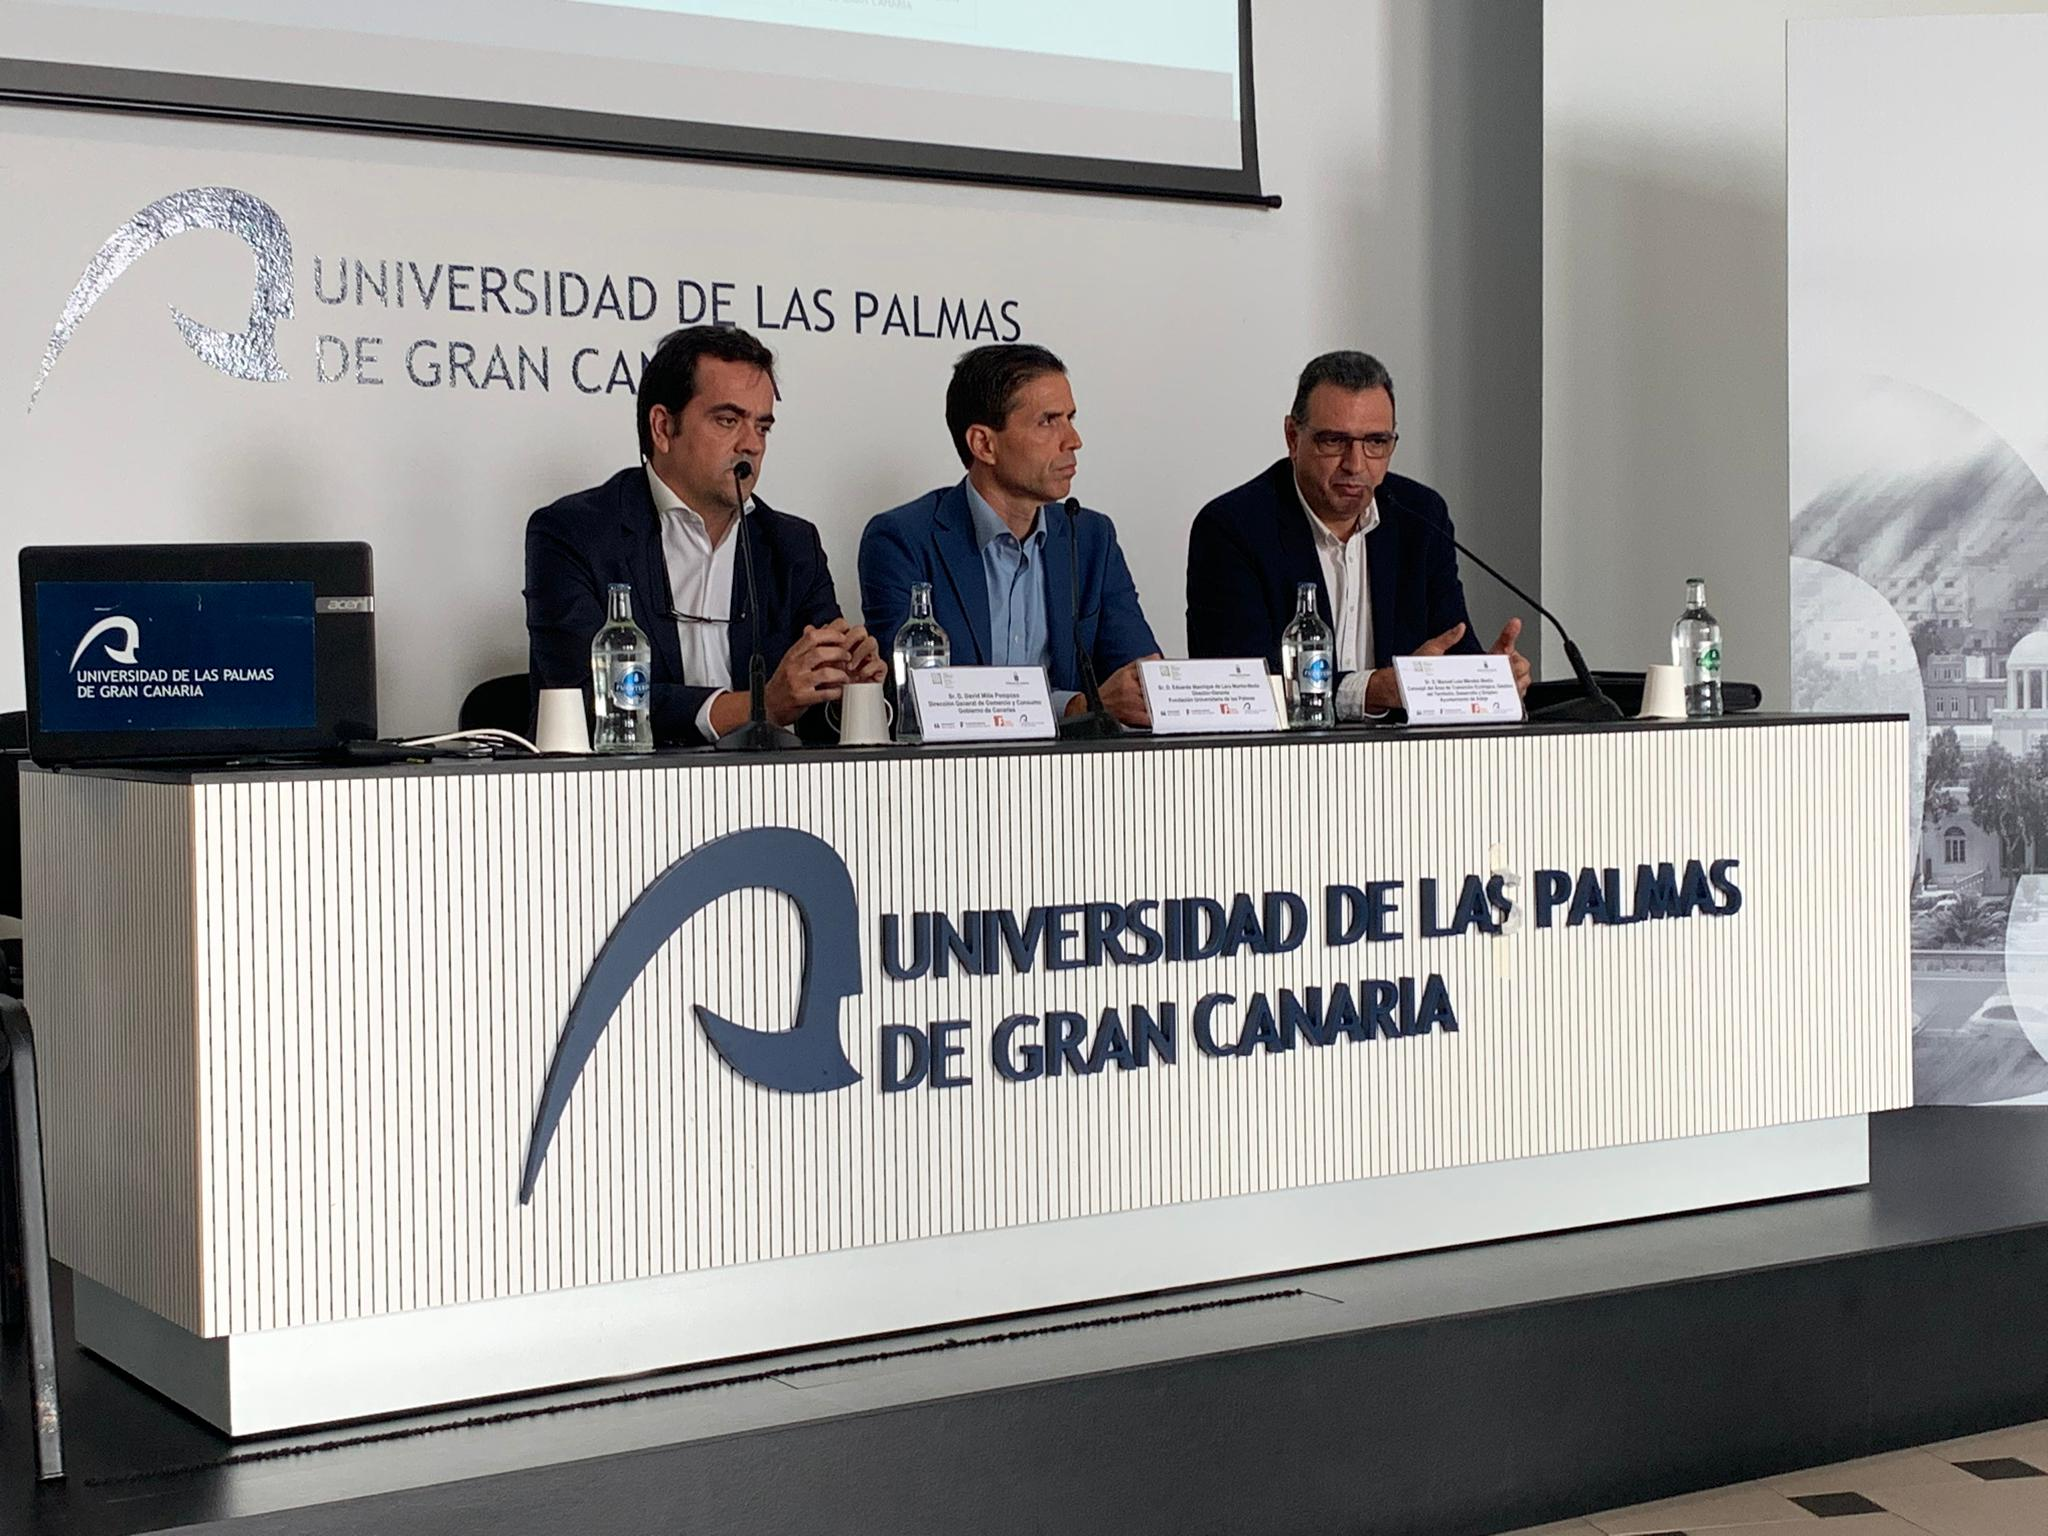 El director de Comercio, David Mille, el gerente de la Fulp,Eduardo Manrique y el concejal de Adeje, Manuel Méndez, clausuraron el acto.